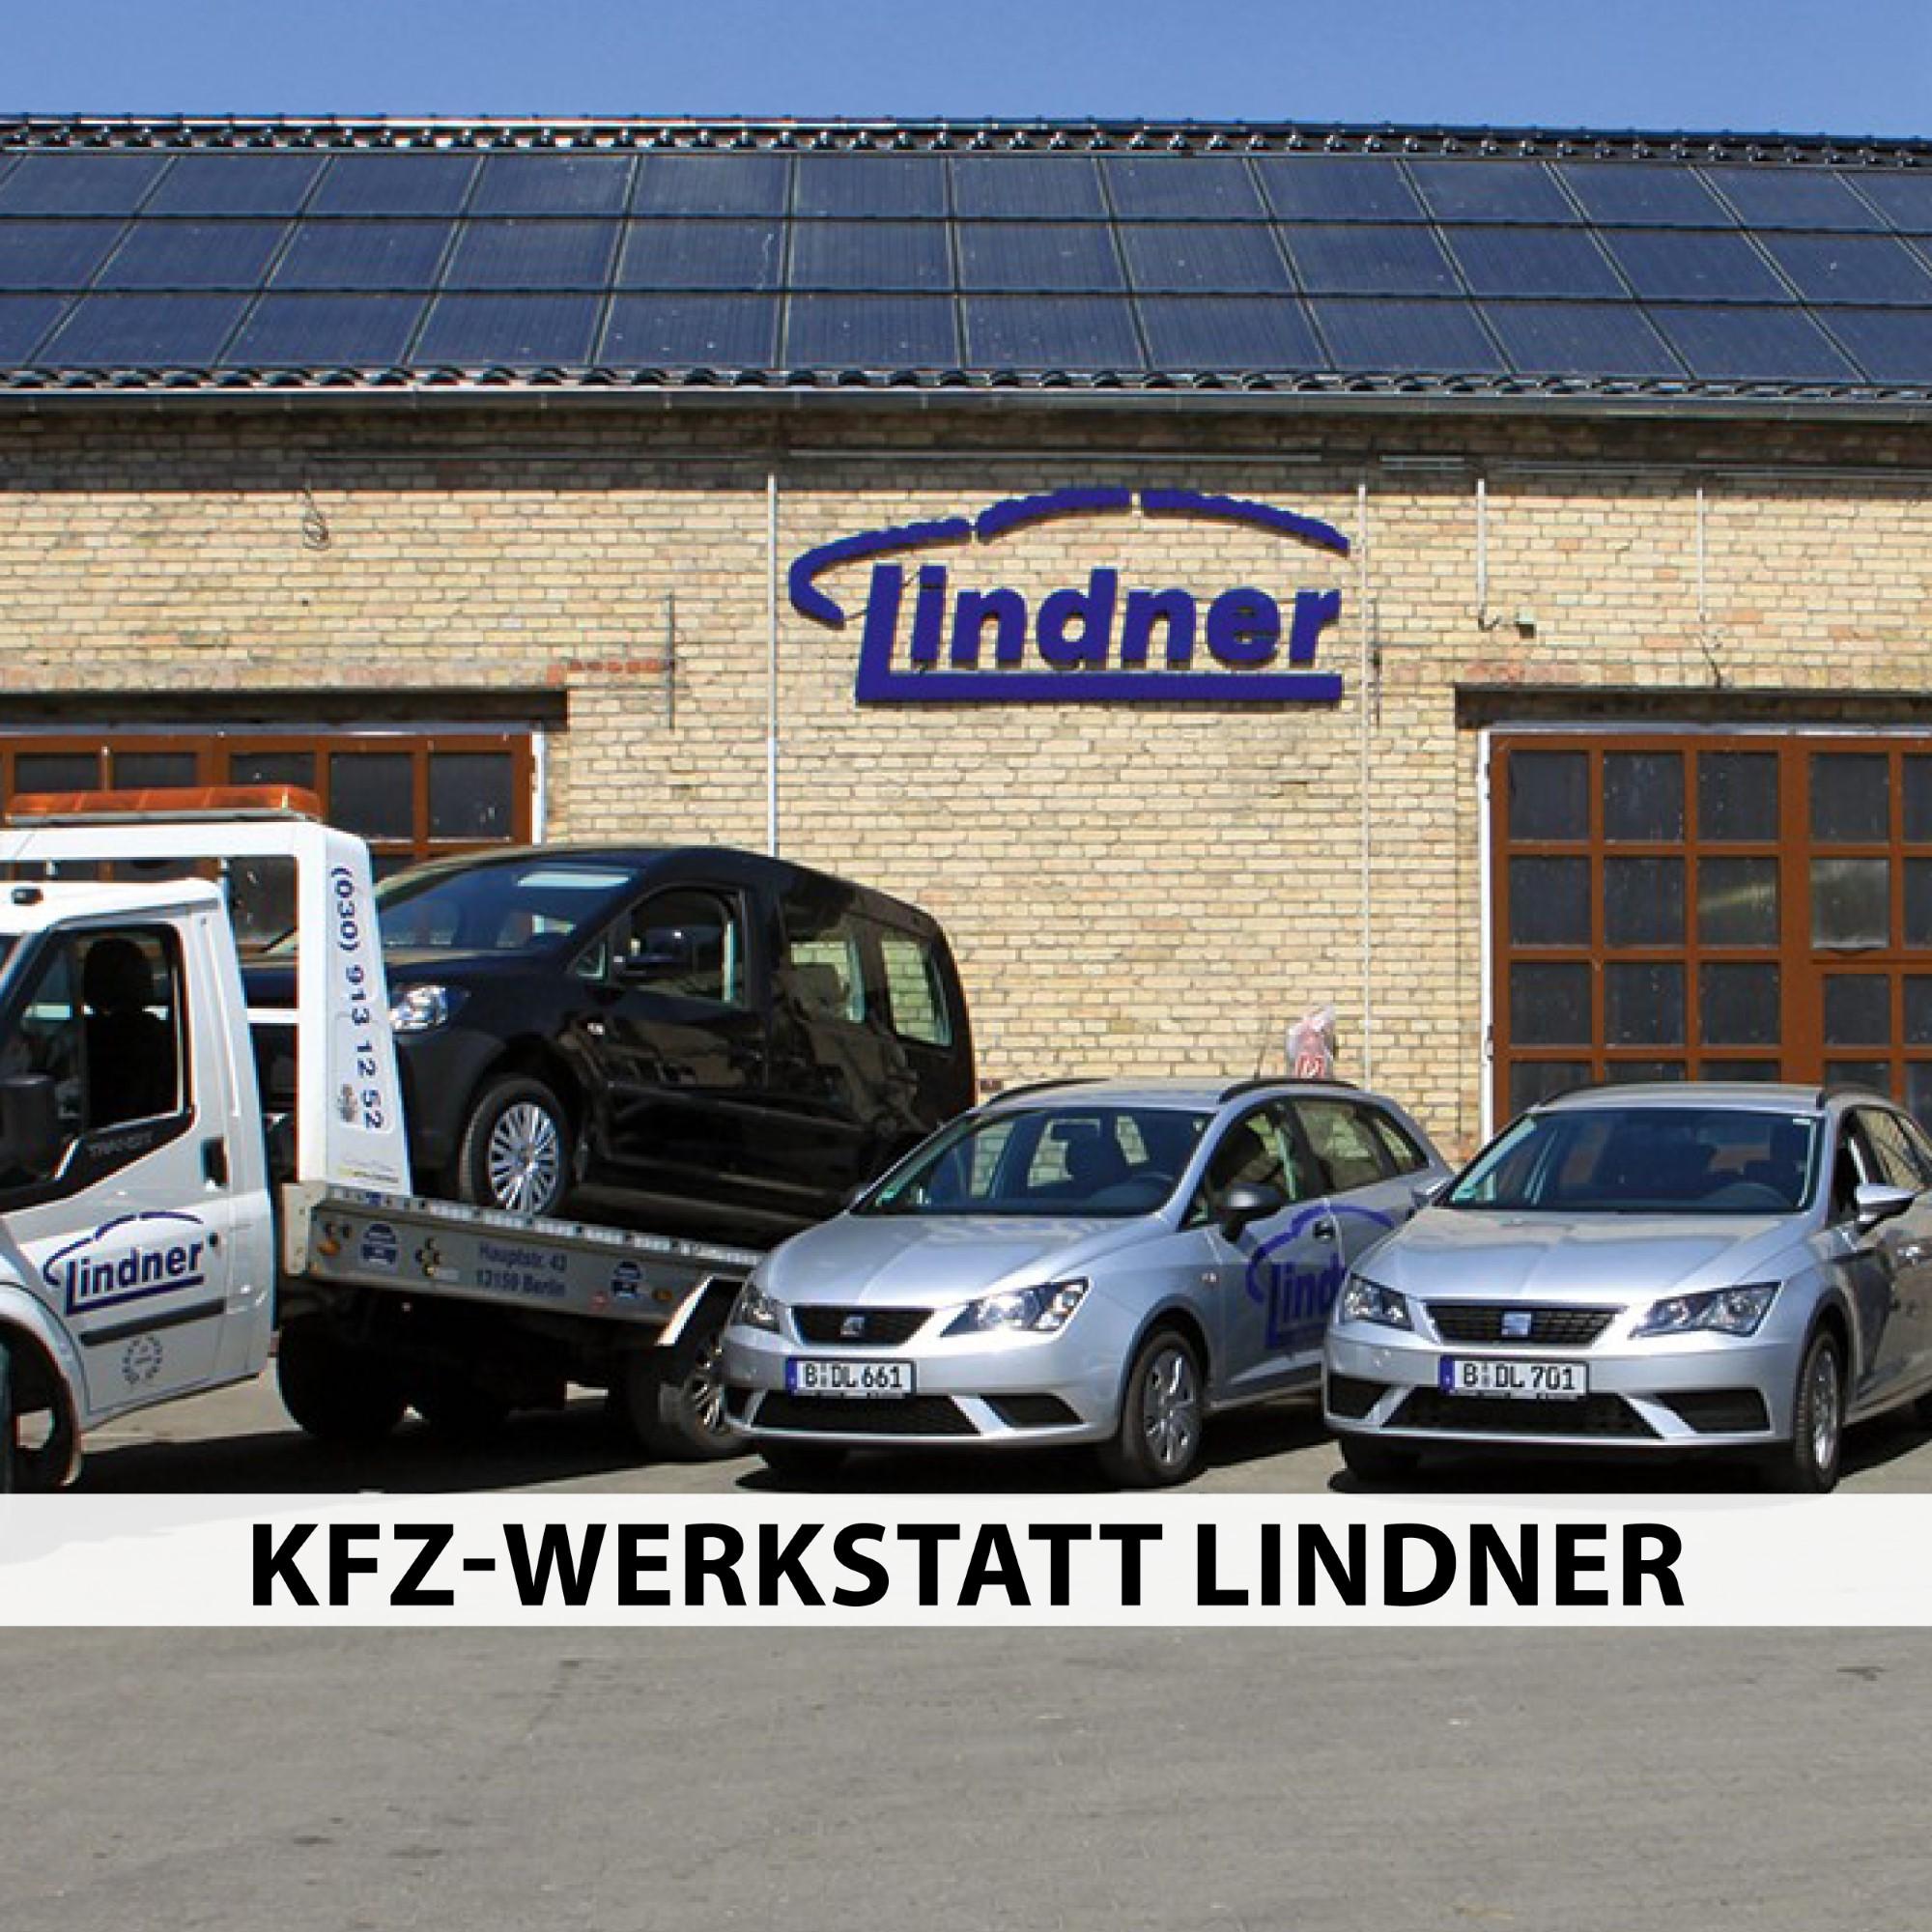 Kfz-Werkstatt Detlef Lindner Berlin